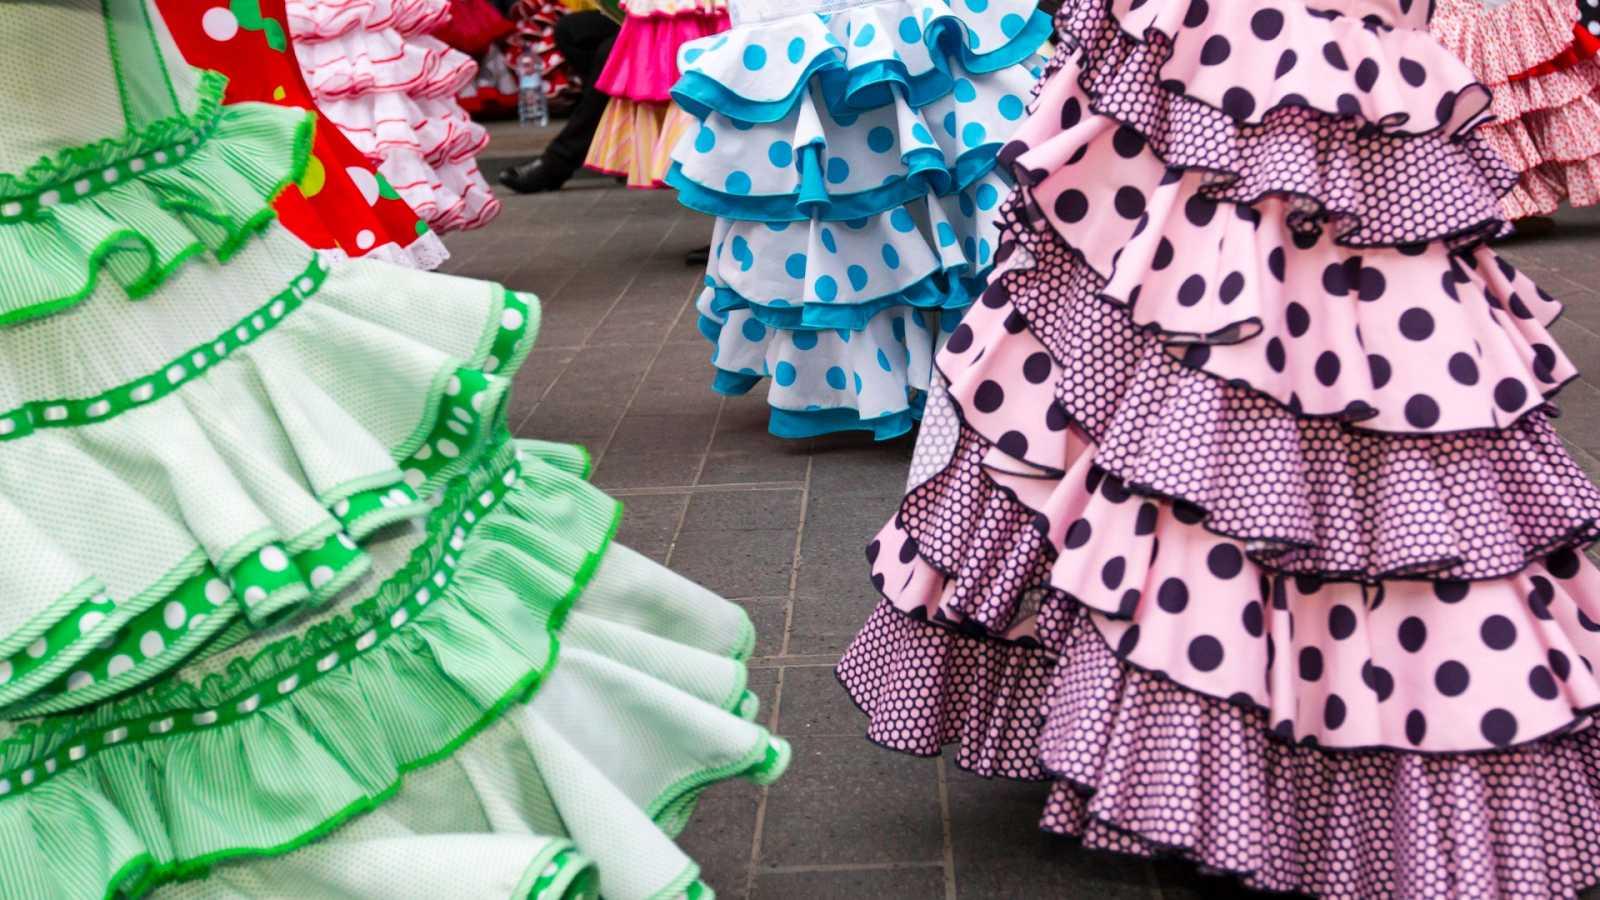 El coronavirus provoca que por segundo año no haya Feria de Abril y las tiendas de moda flamencas agonicen al no facturar